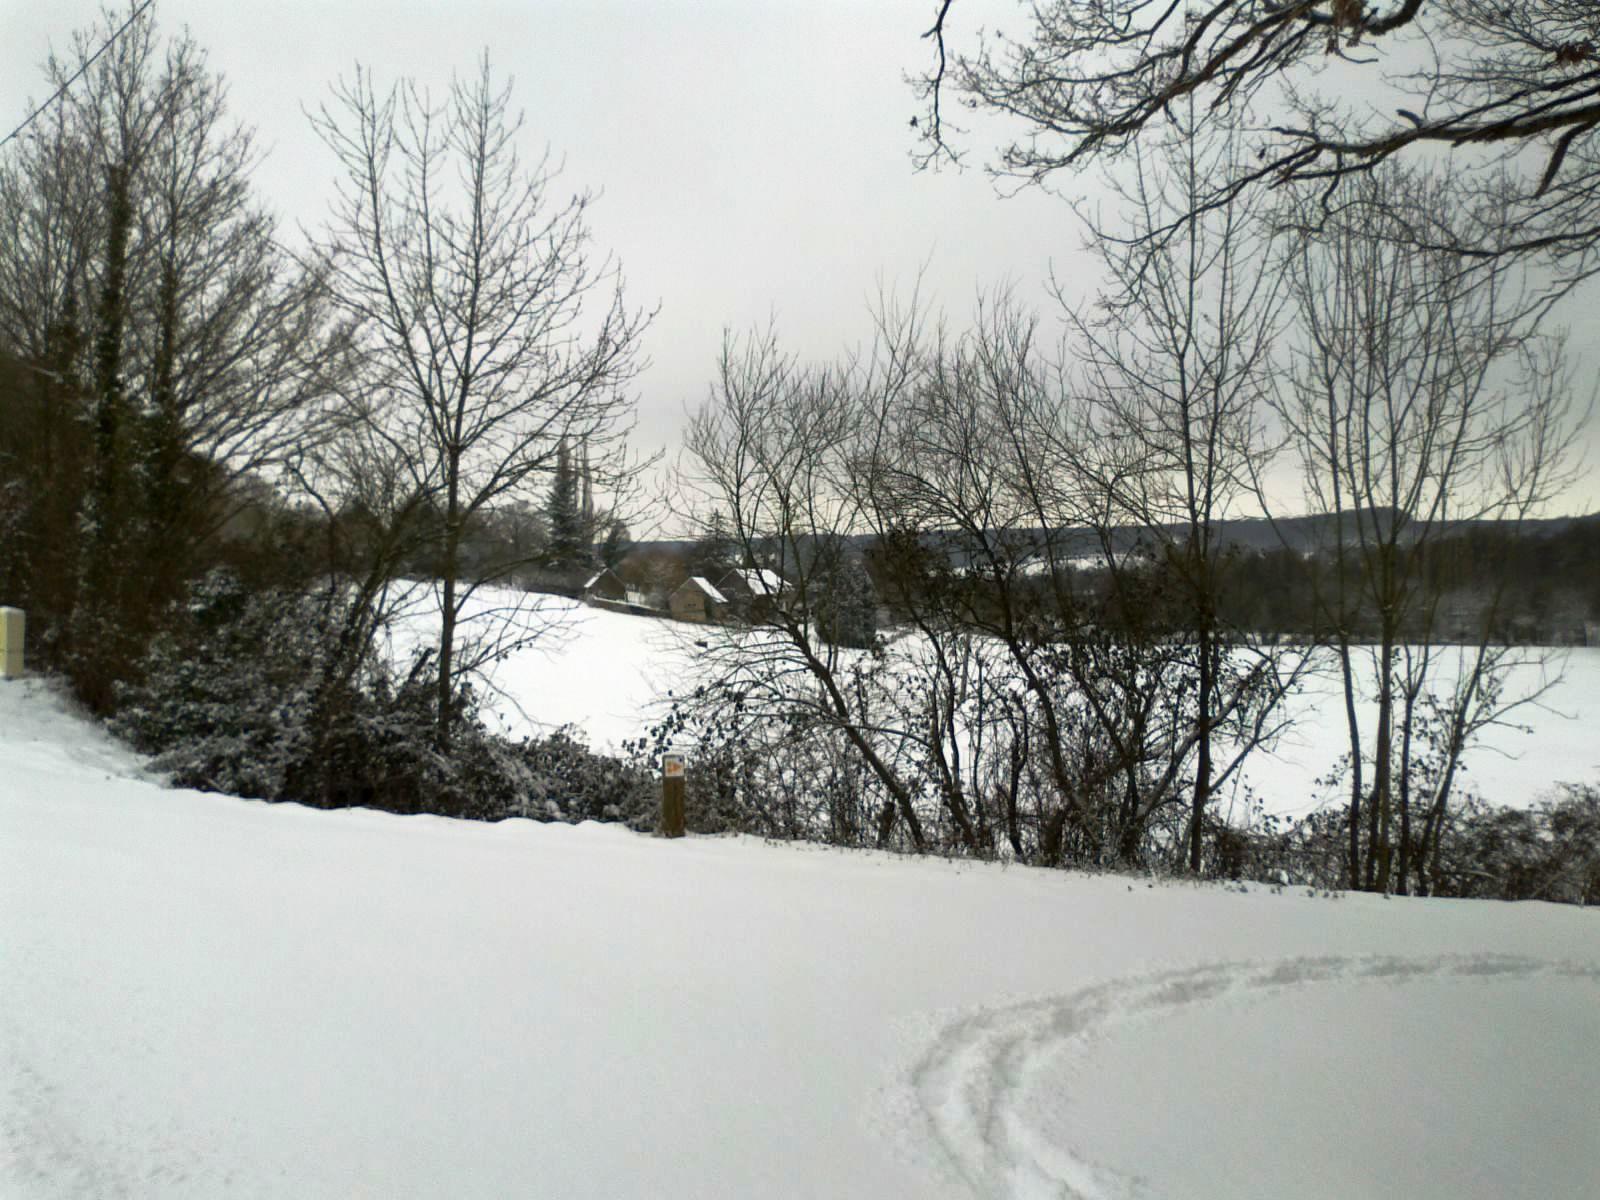 Une vallée du Perche sous la neige en février 2012 et 2013